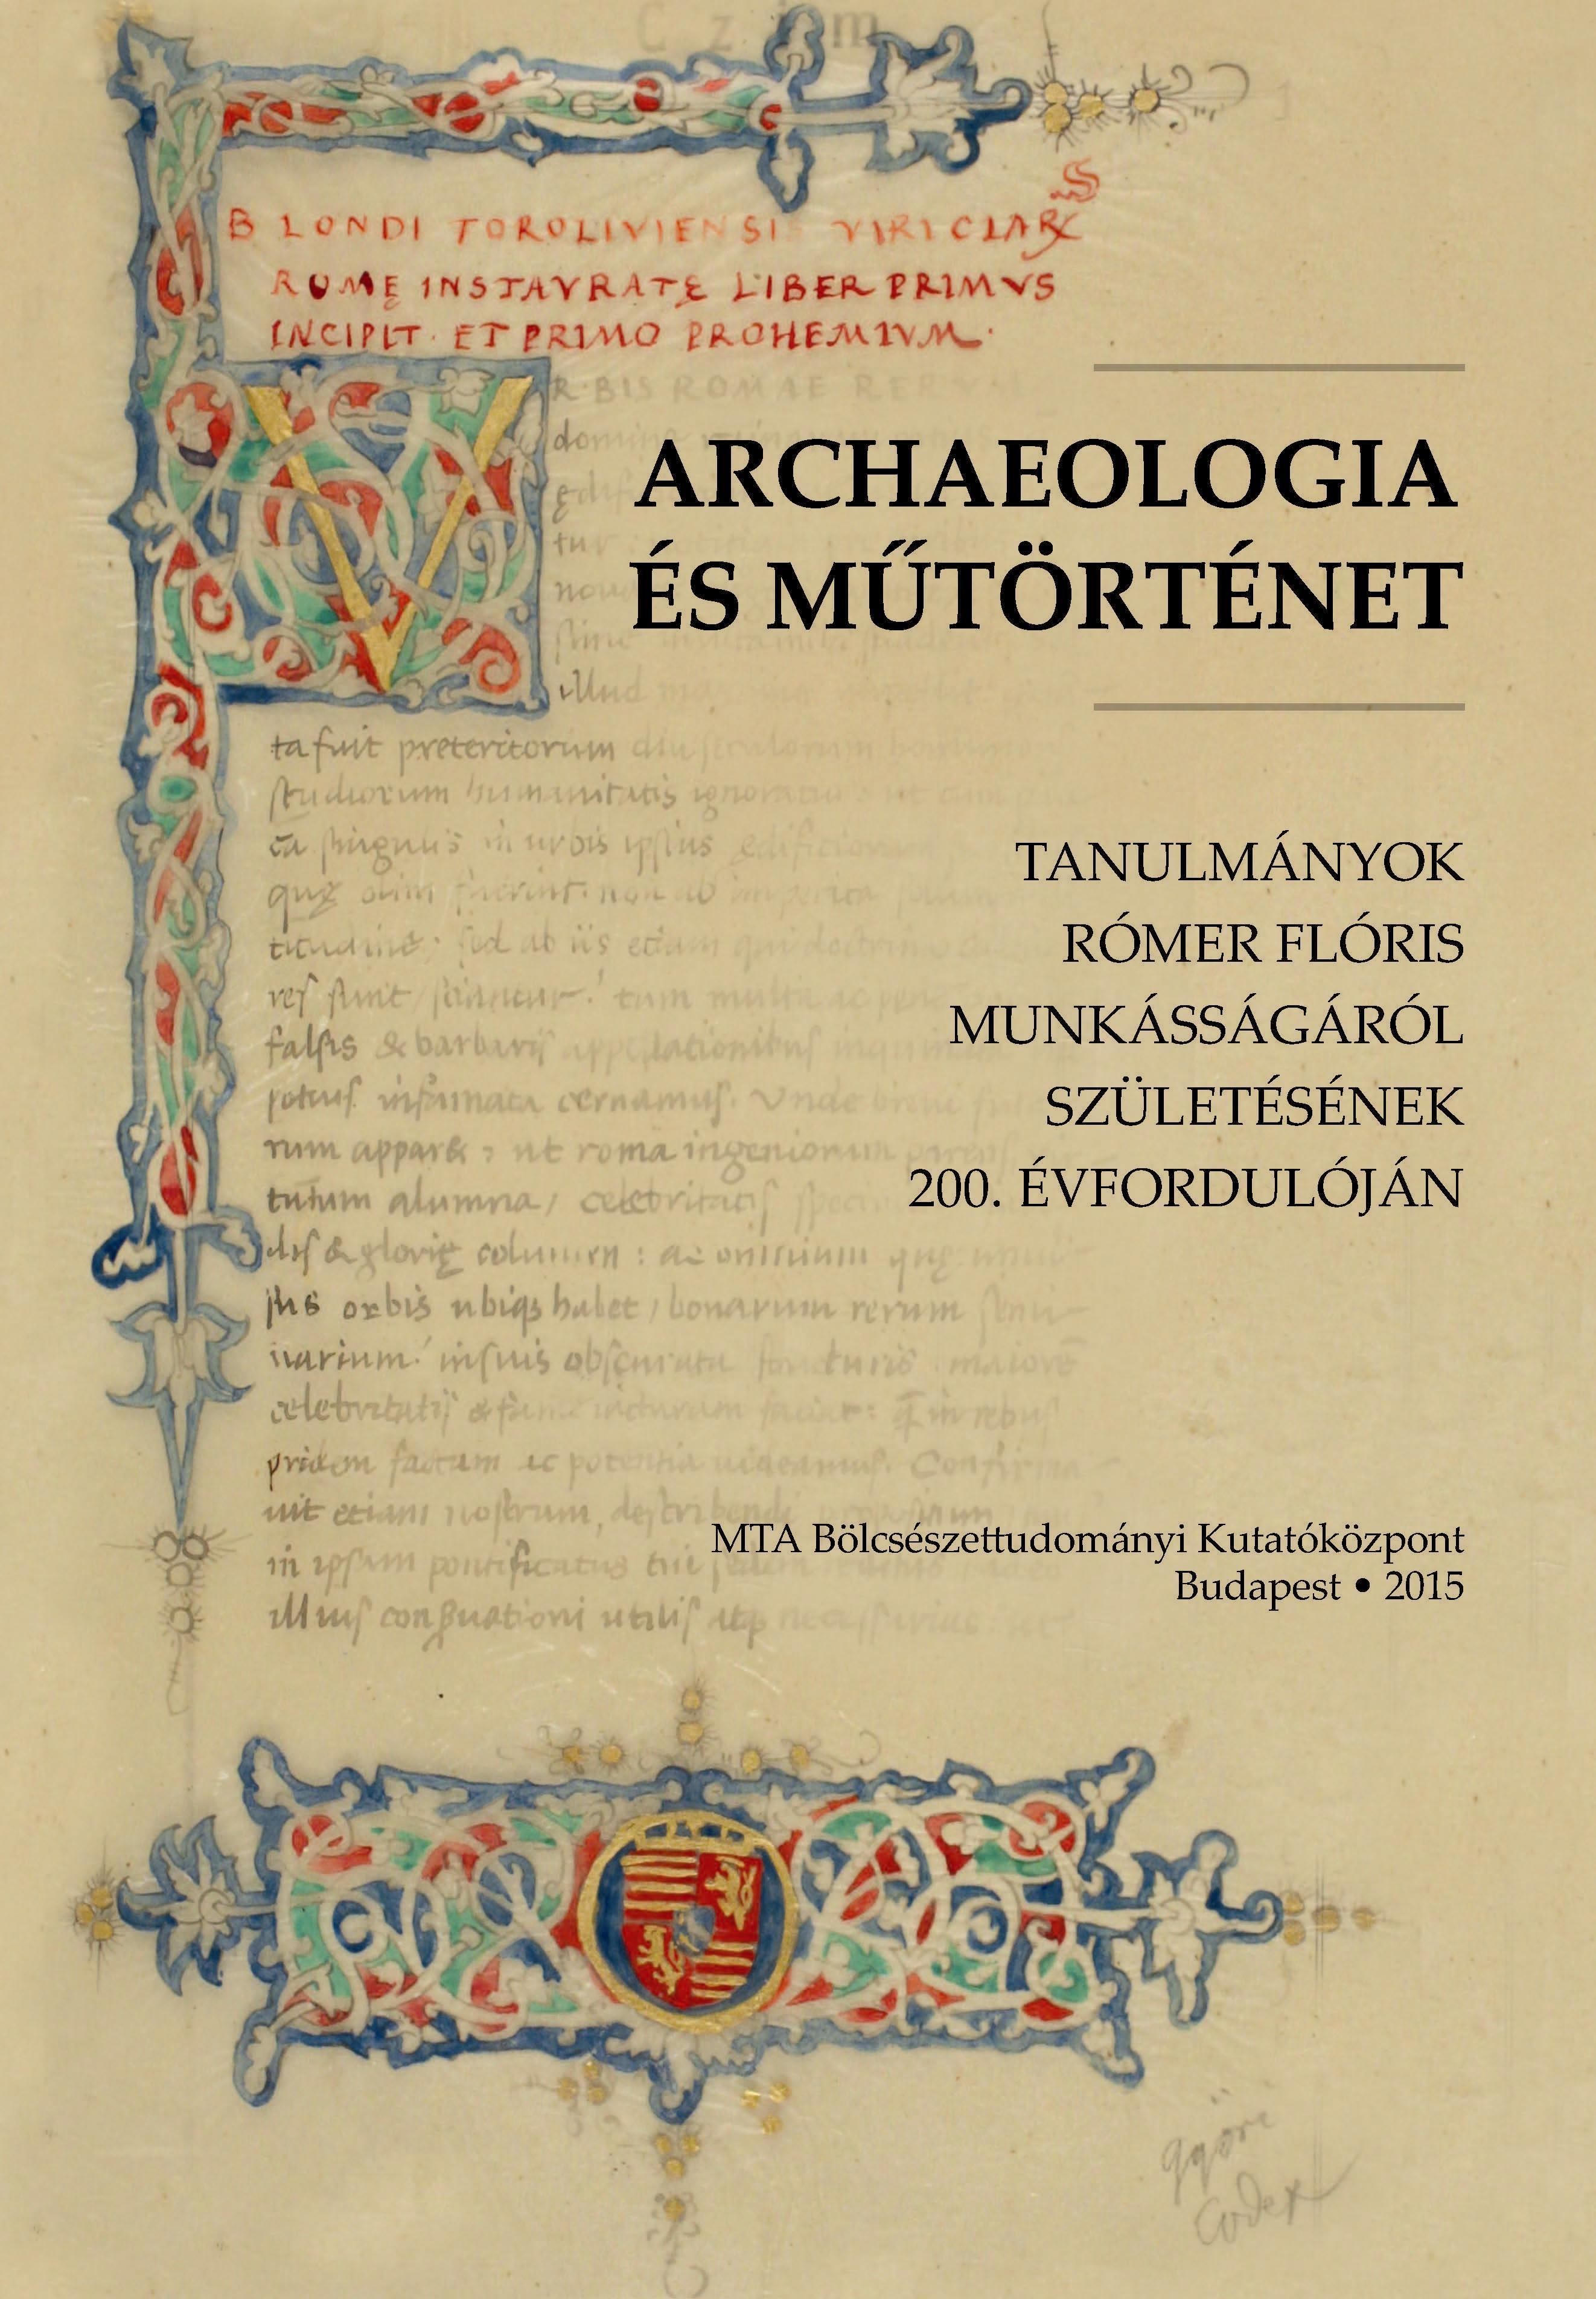 ARCHAEOLOGIA ÉS MÛTÖRTÉNET - TANULMÁNYOK RÓMER FLÓRIS MUNKÁSSÁGÁRÓL SZÜLETÉSÉNEK